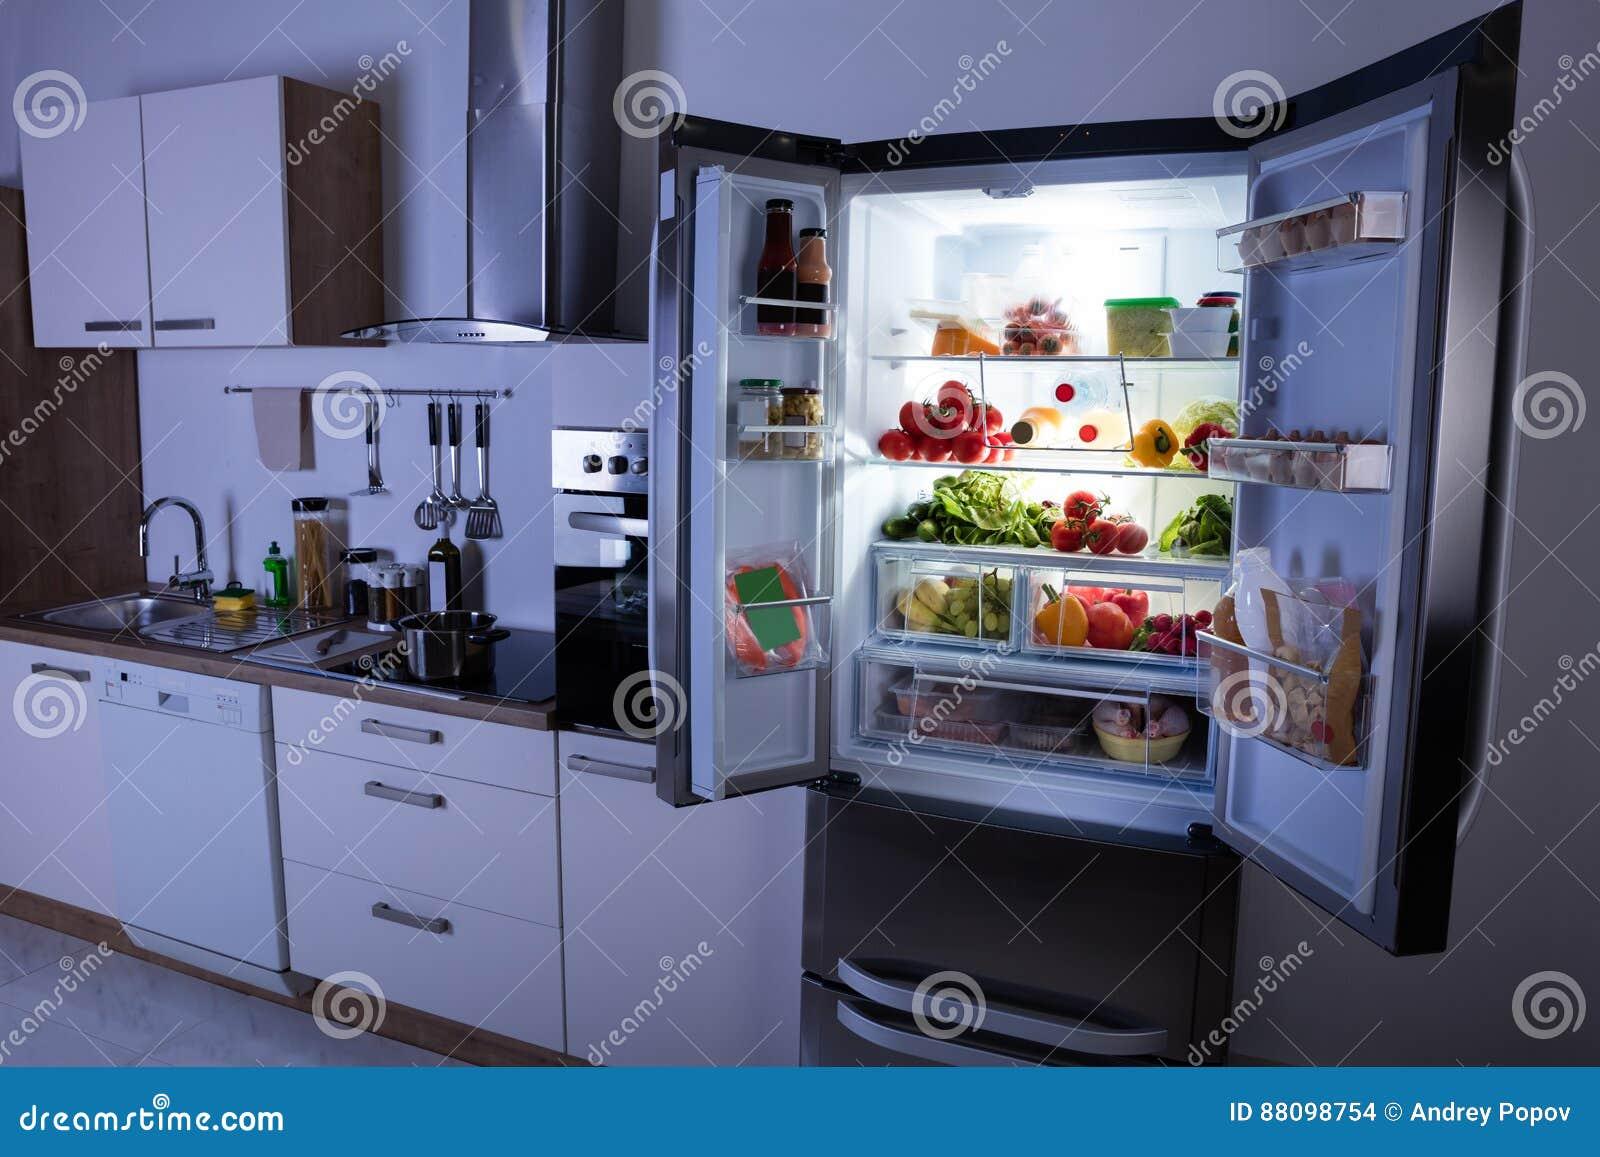 Abra el refrigerador en cocina moderna foto de archivo for Cocina y refrigerador juntos